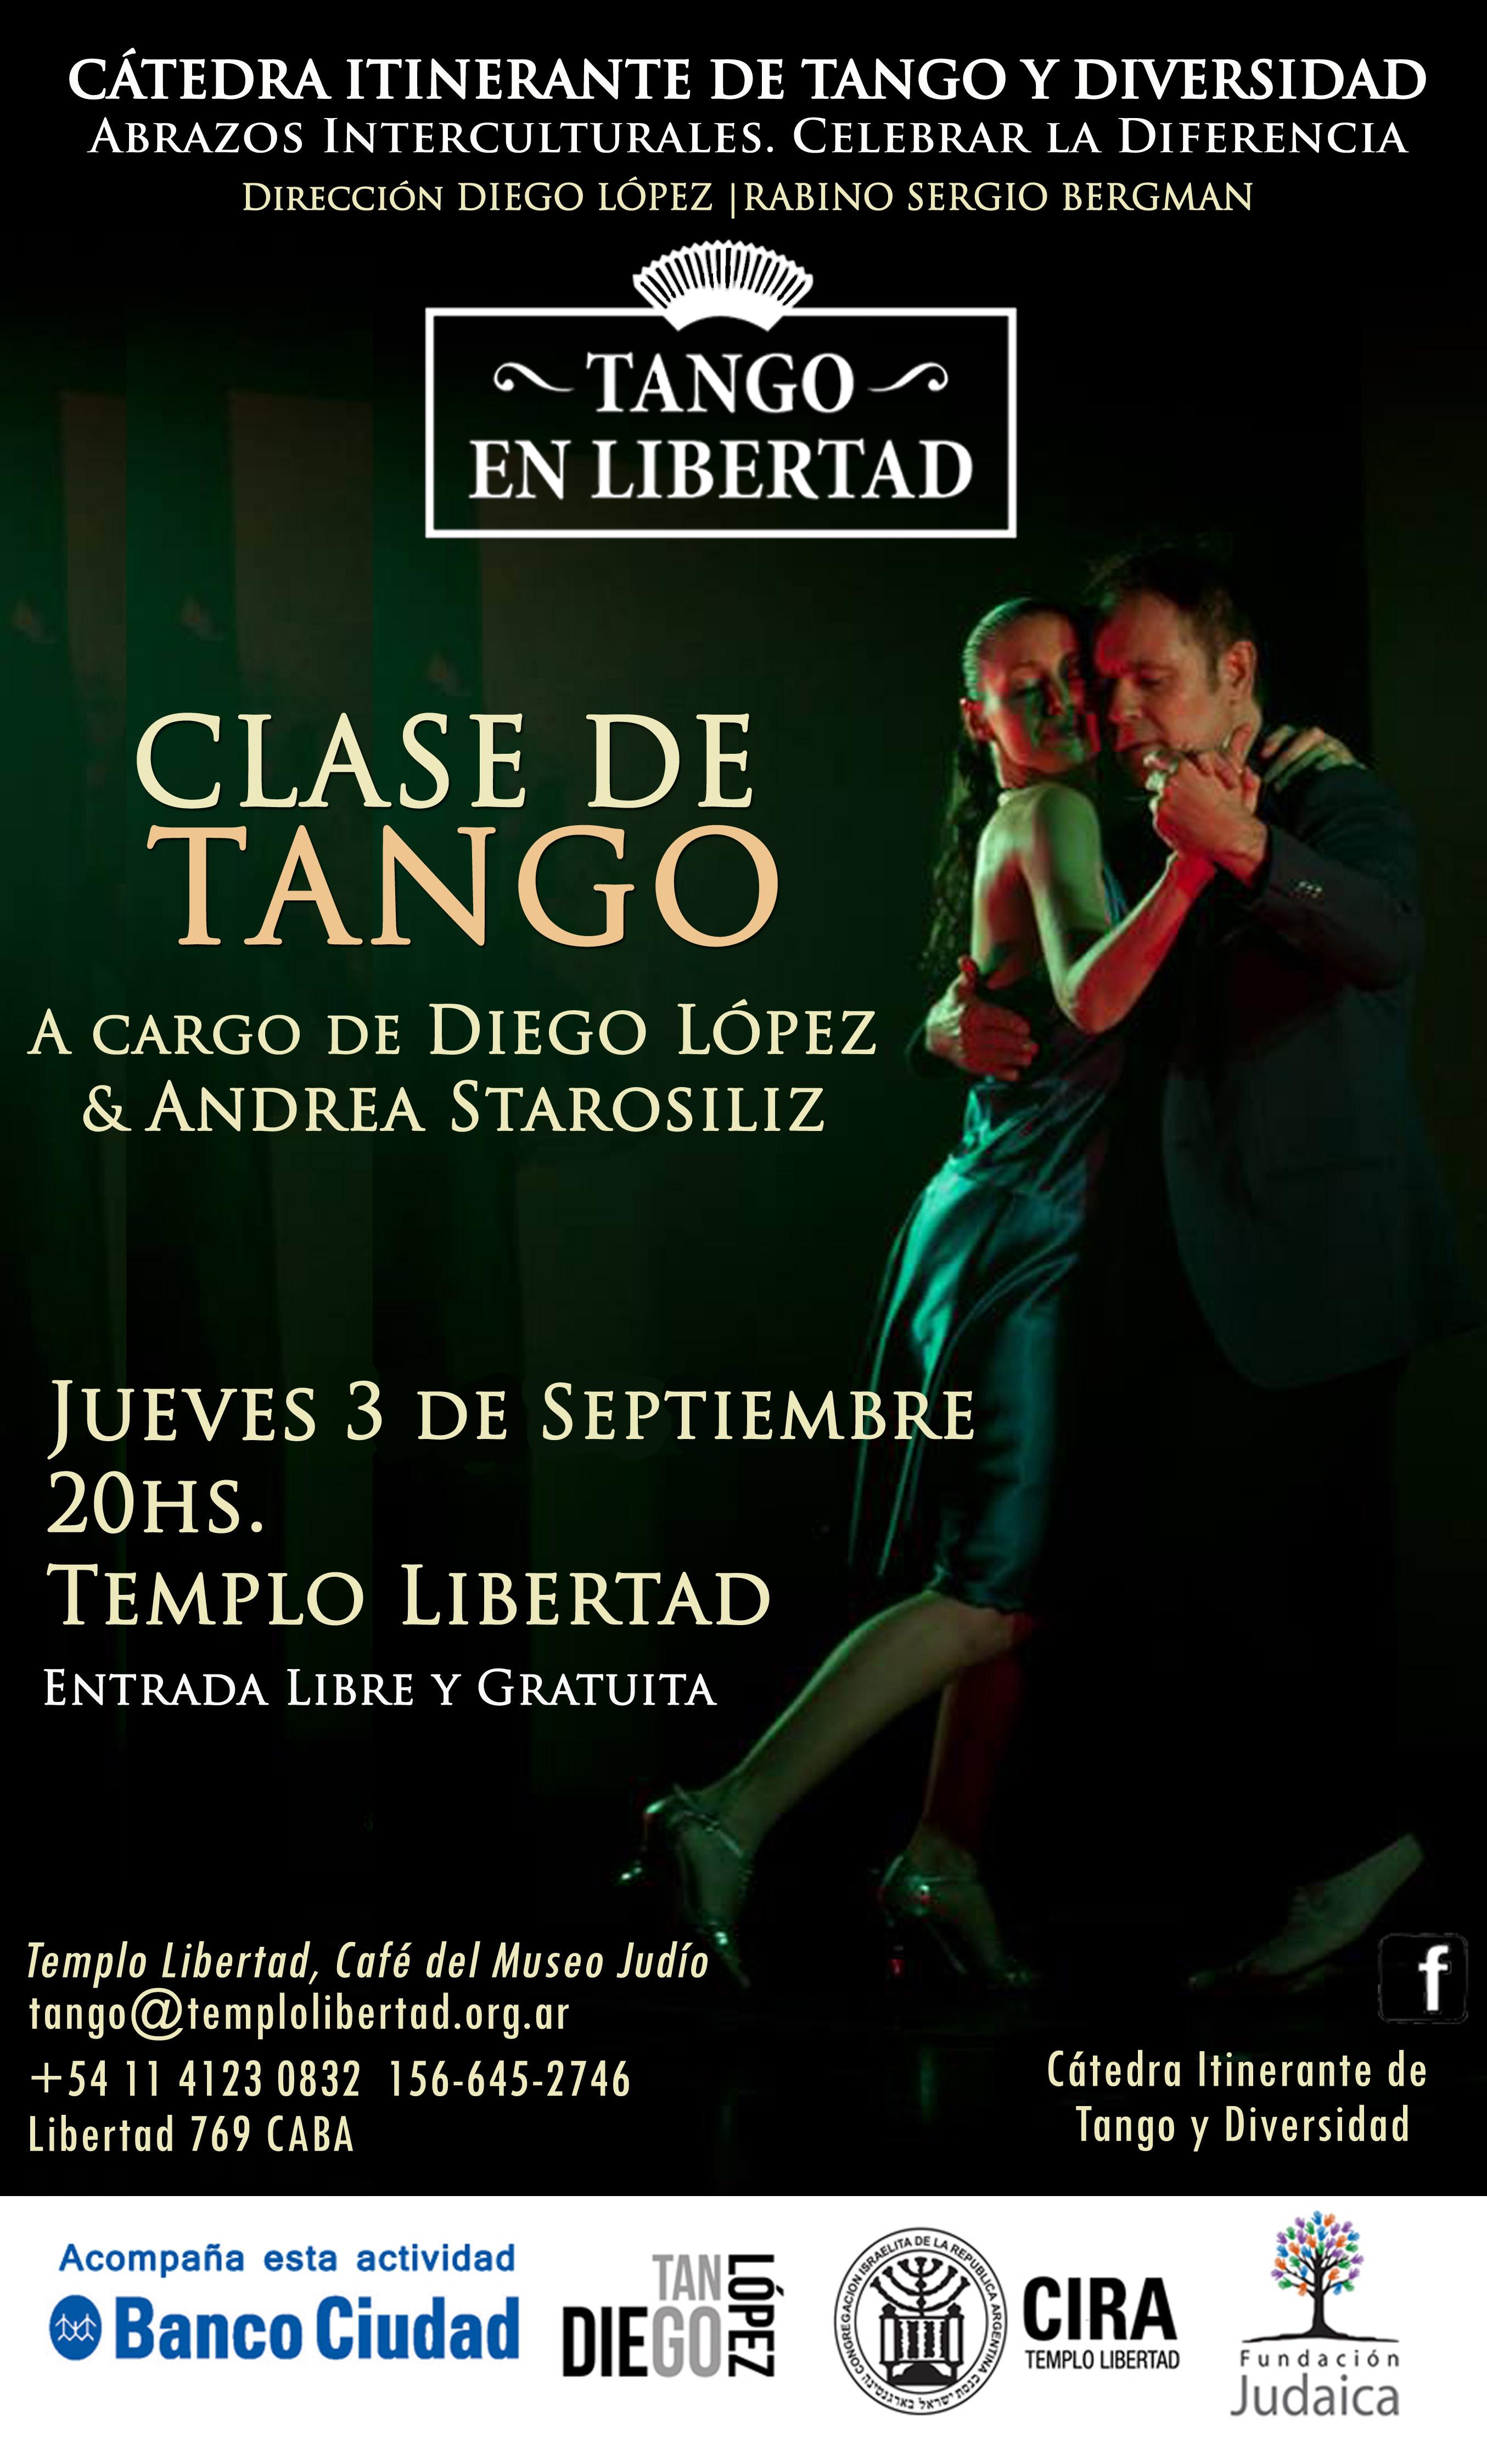 Clase de tango en libertad